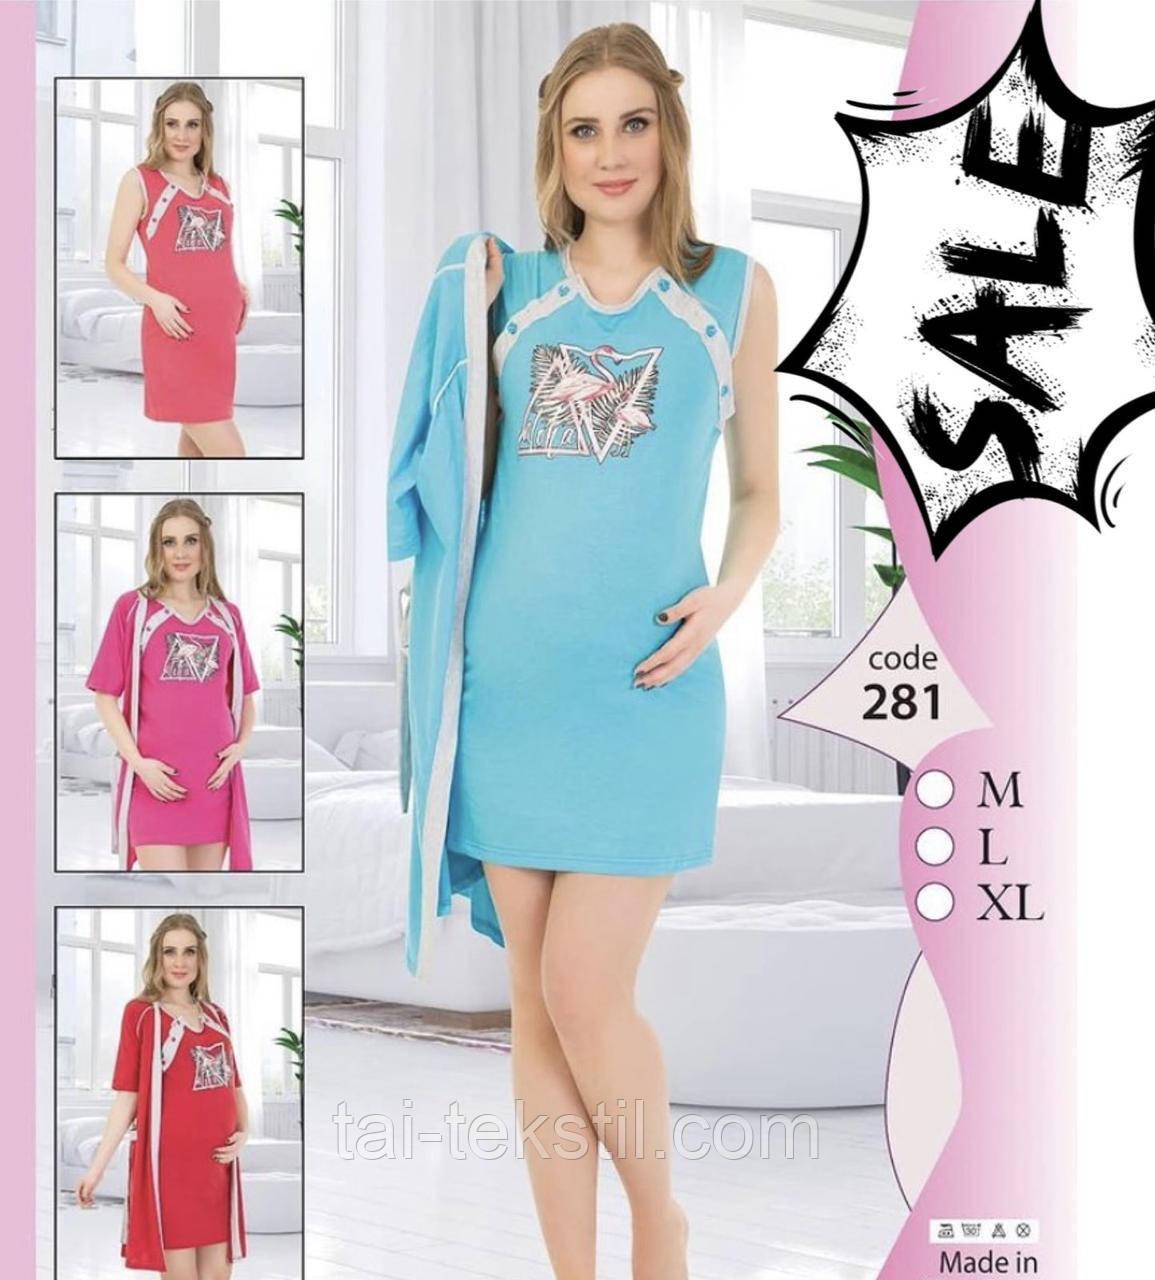 Комплект халат 3/4 рукав і нічна сорочка для вагітних мам бавовна 100% колір малина,червоний